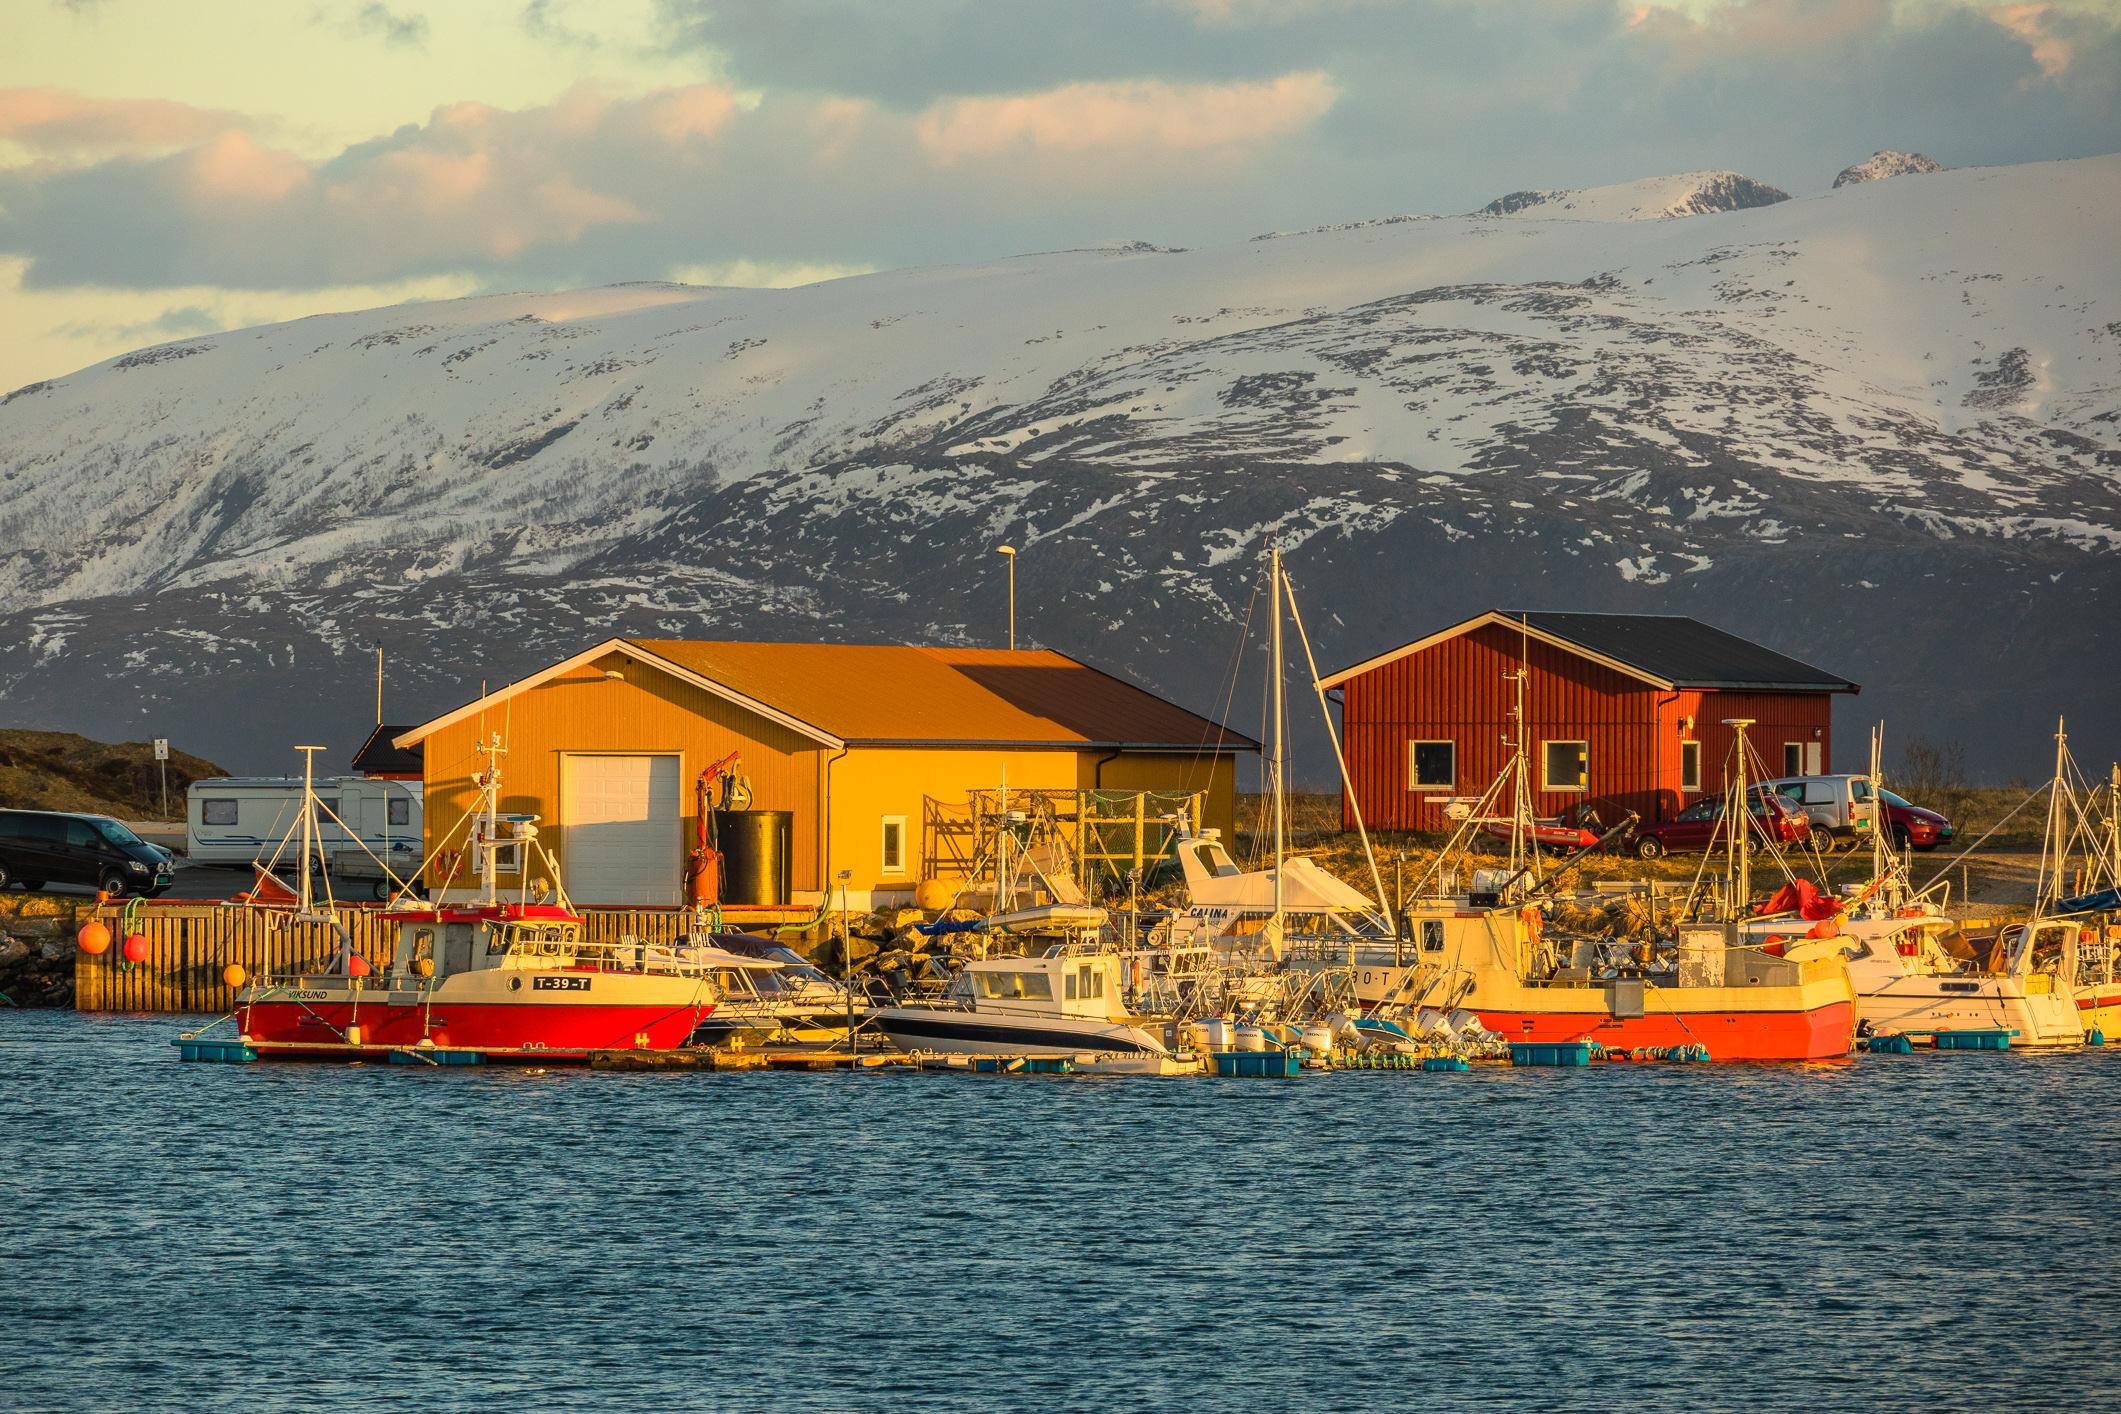 Norwegen wie aus dem Bilderbuch: Das Fischerdorf Sommarøy